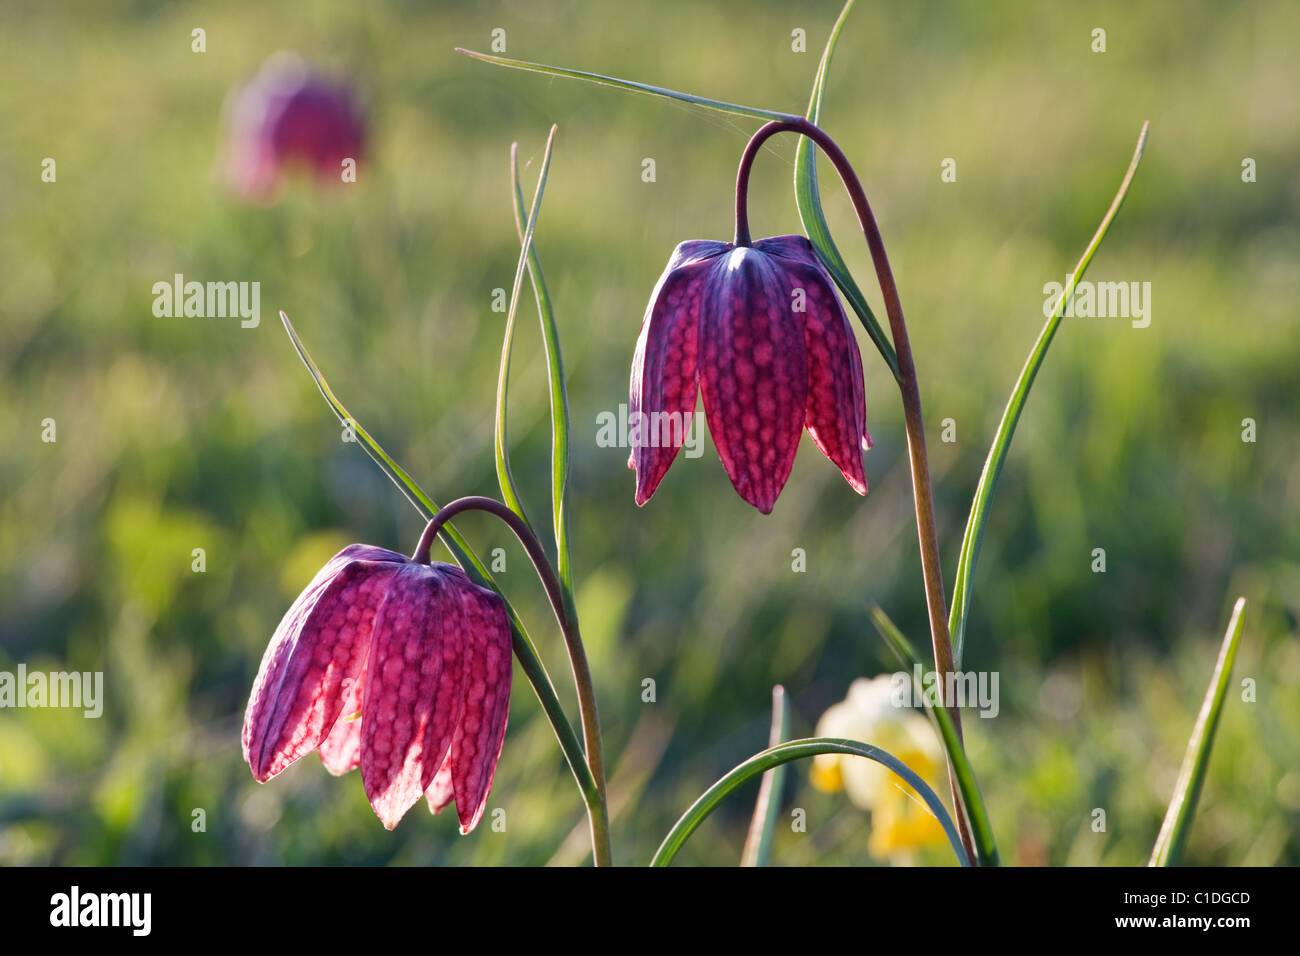 Fritillaria Meleagris Stockfotos und  bilder Kaufen   Alamy